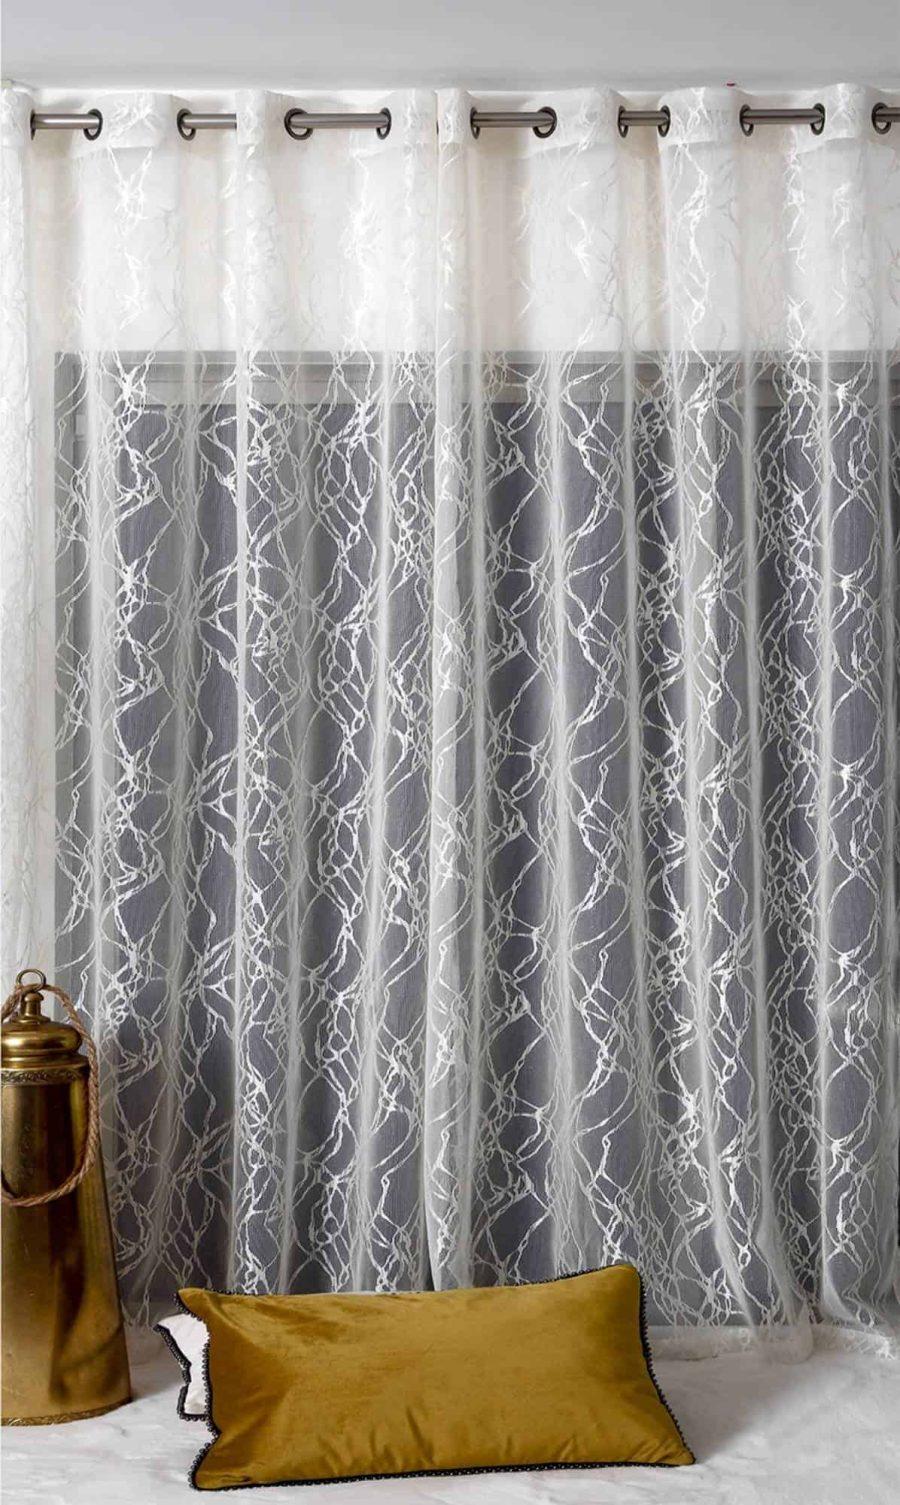 וילון ג'קארד רשת בעיצוב מודרני לסלון ולחדר השינה - שוהם